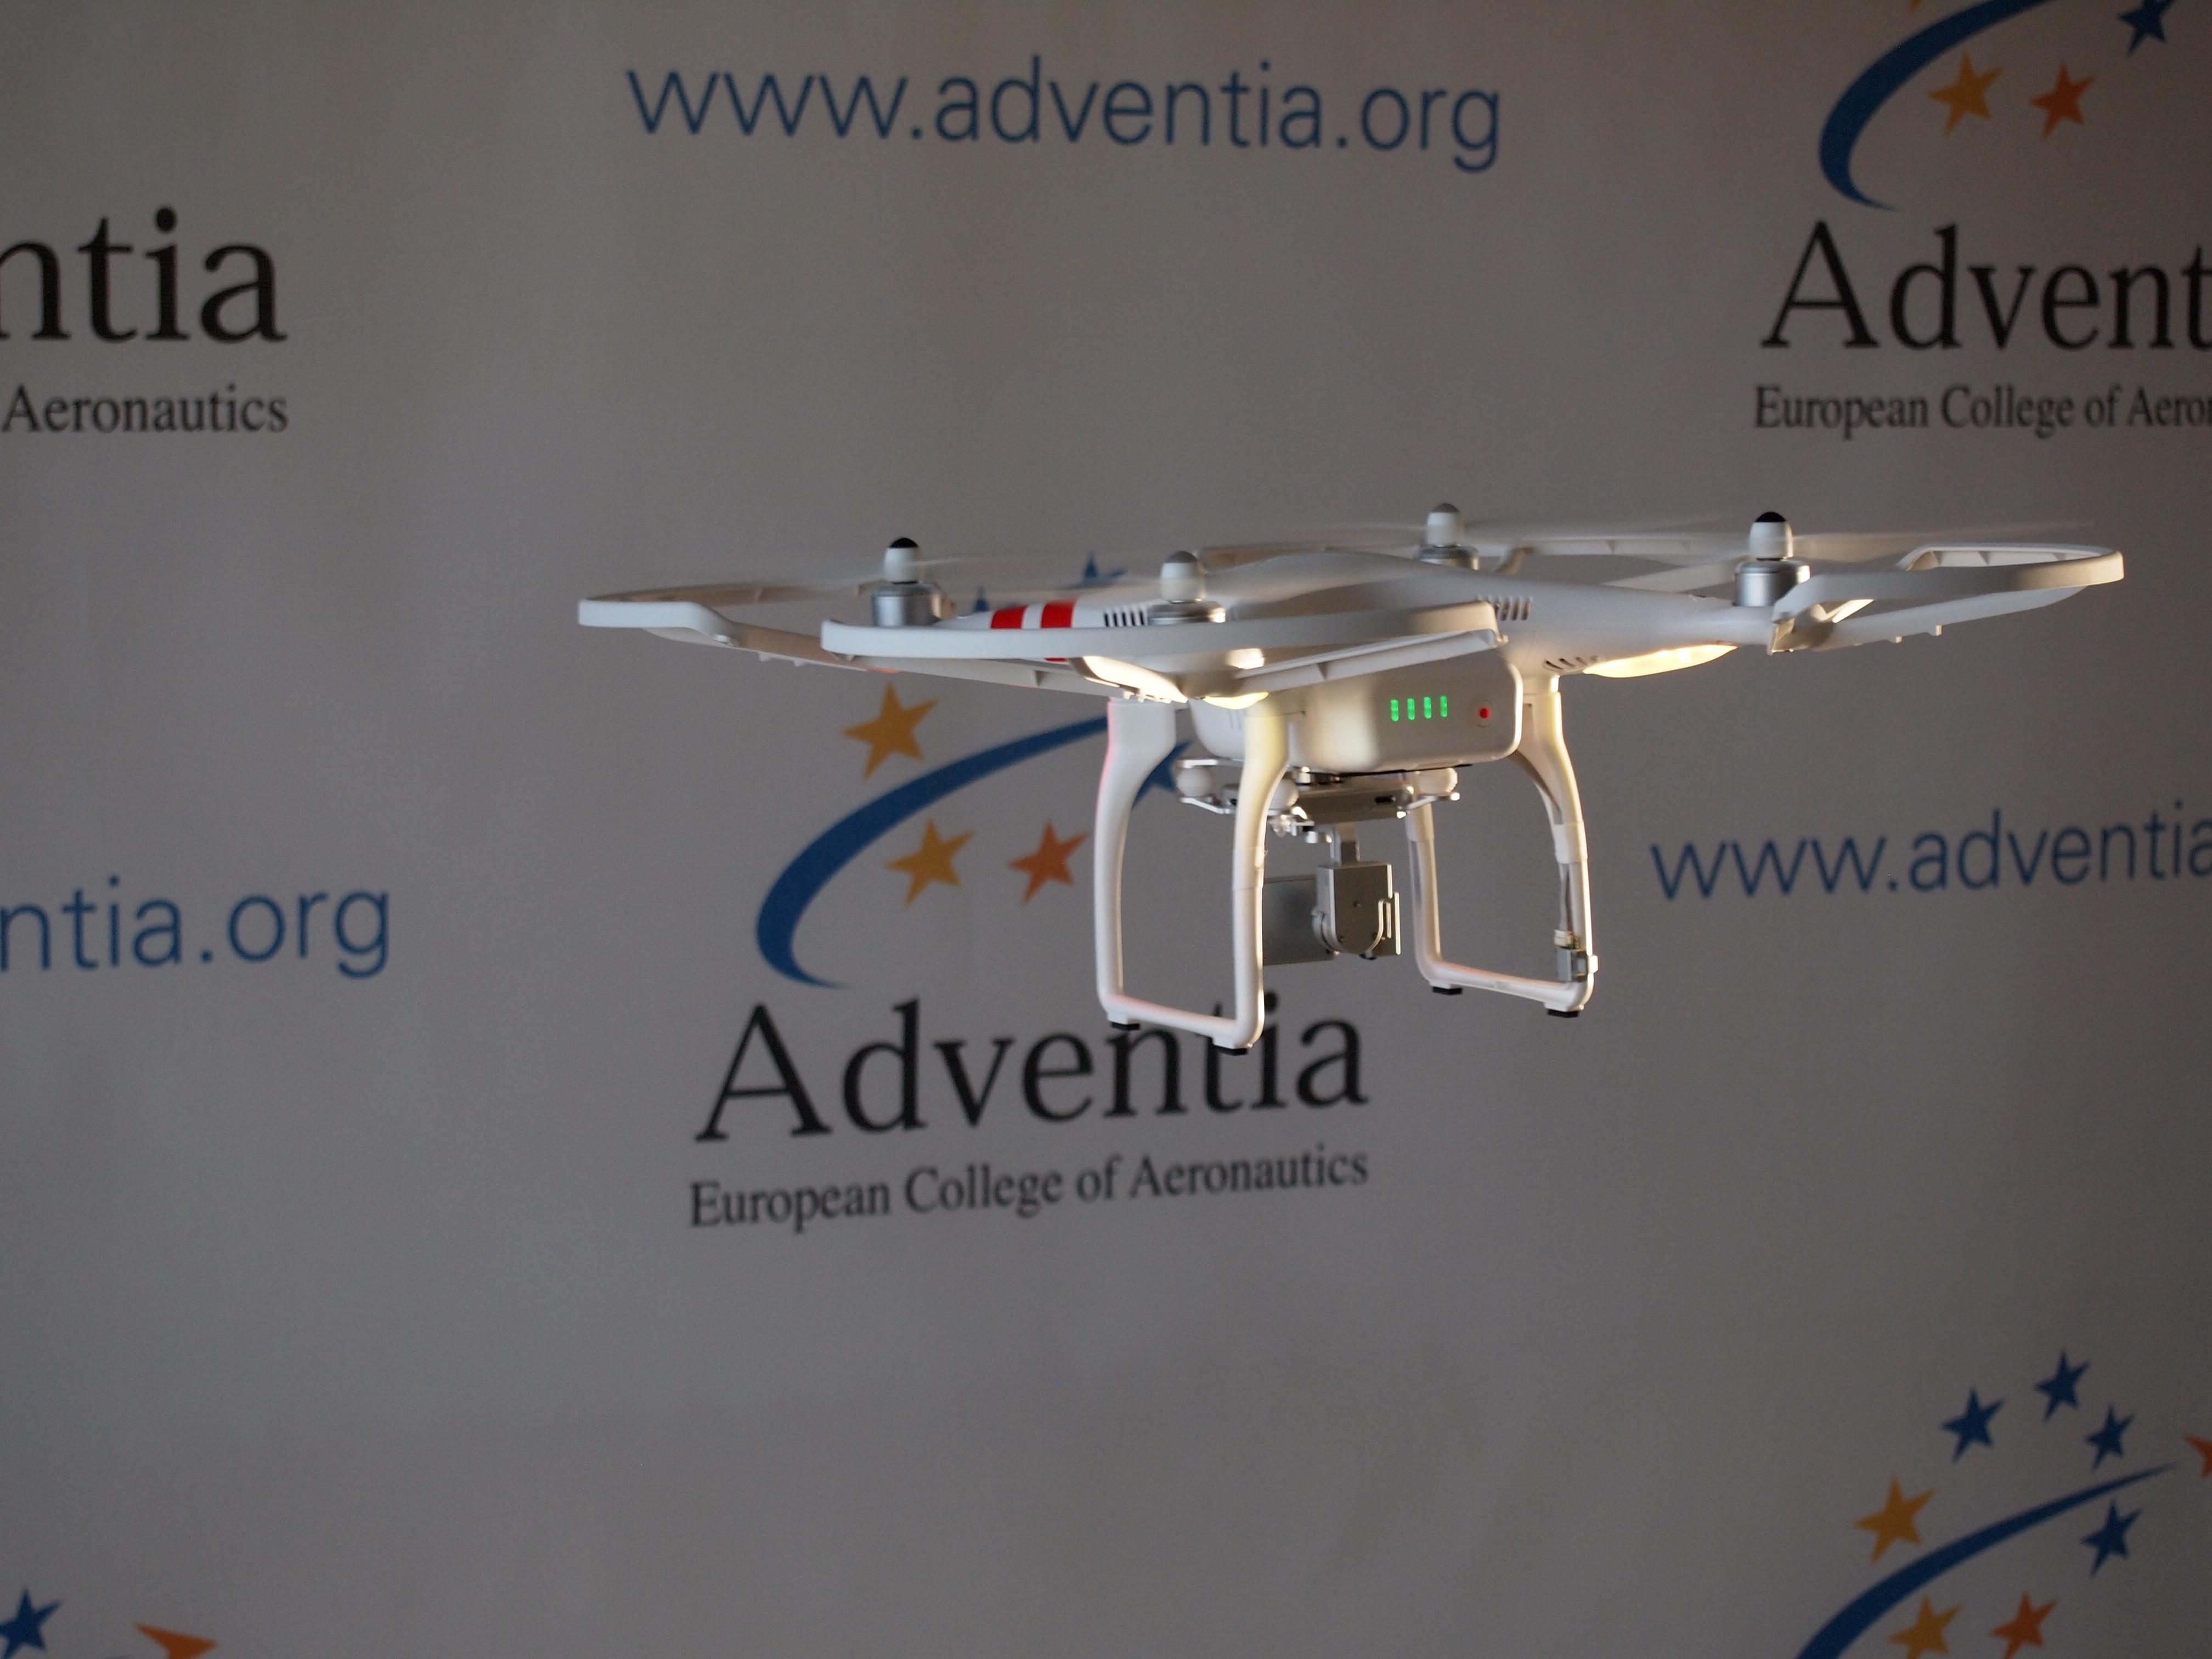 La Escuela de Pilotos Adventia, centro adscrito a la Universidad de Salamanca, forma a más de 100 pilotos civiles de drones